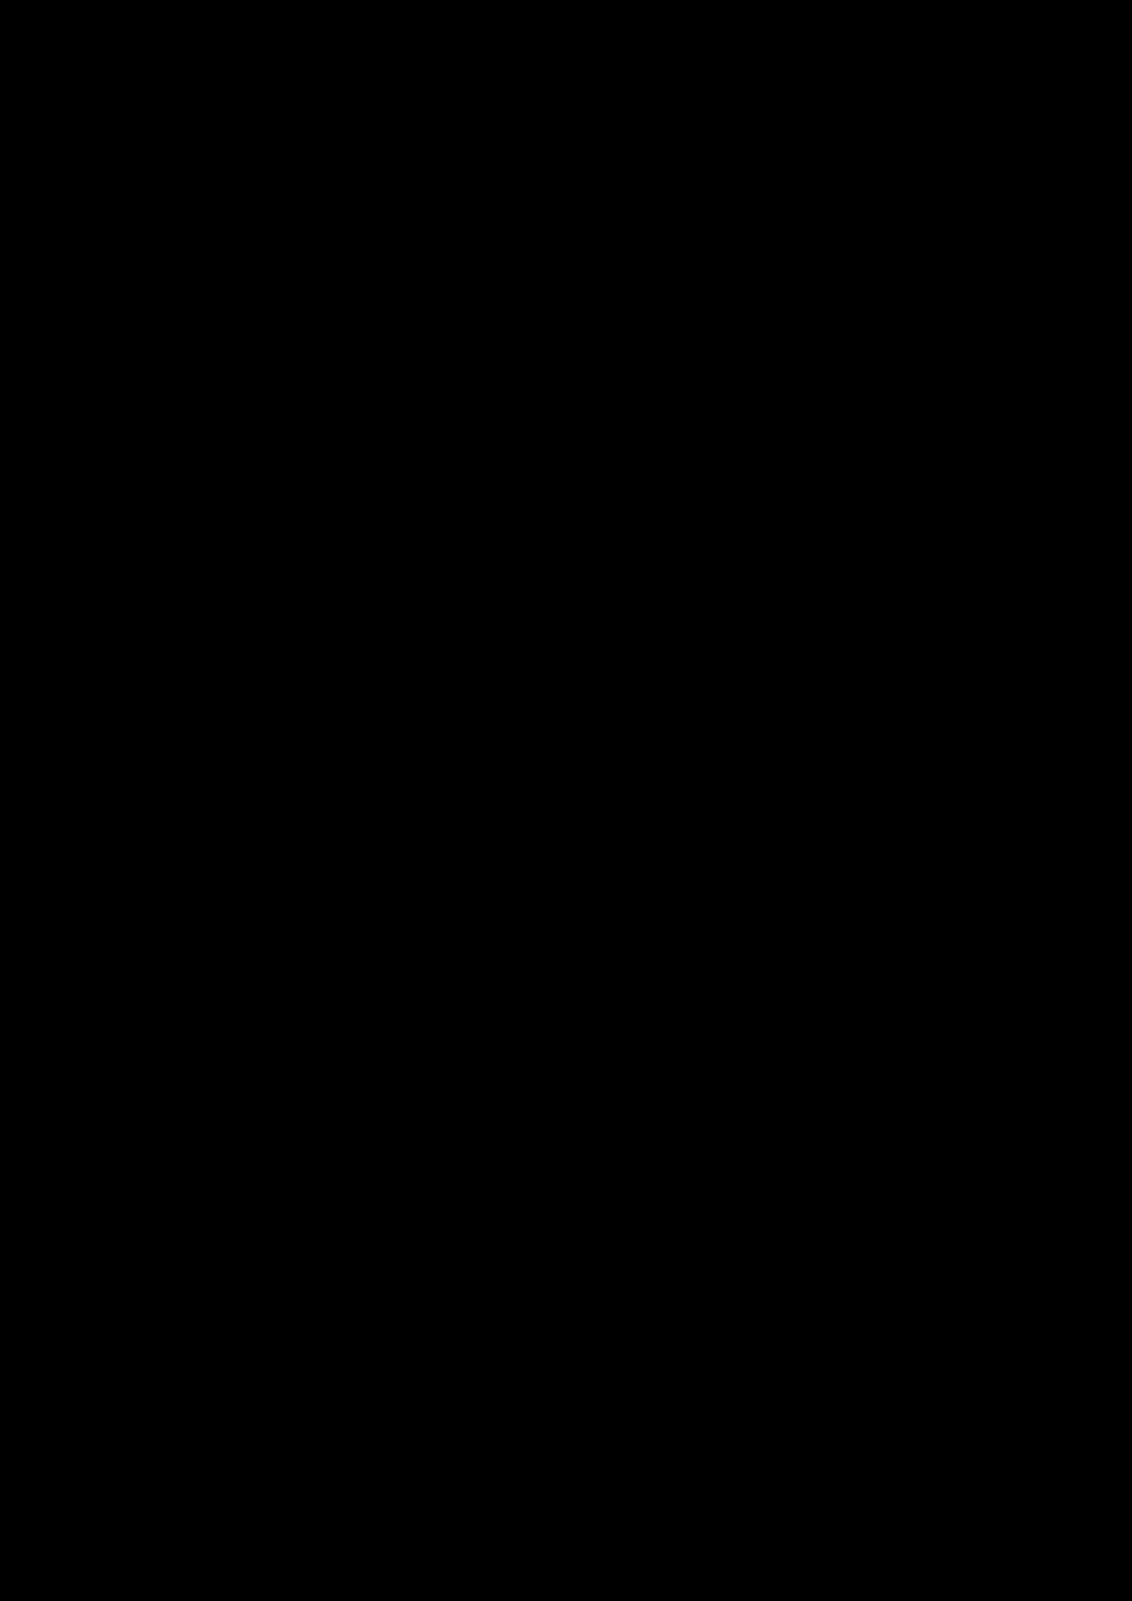 Zagadka volshebnoy stranyi slide, Image 53